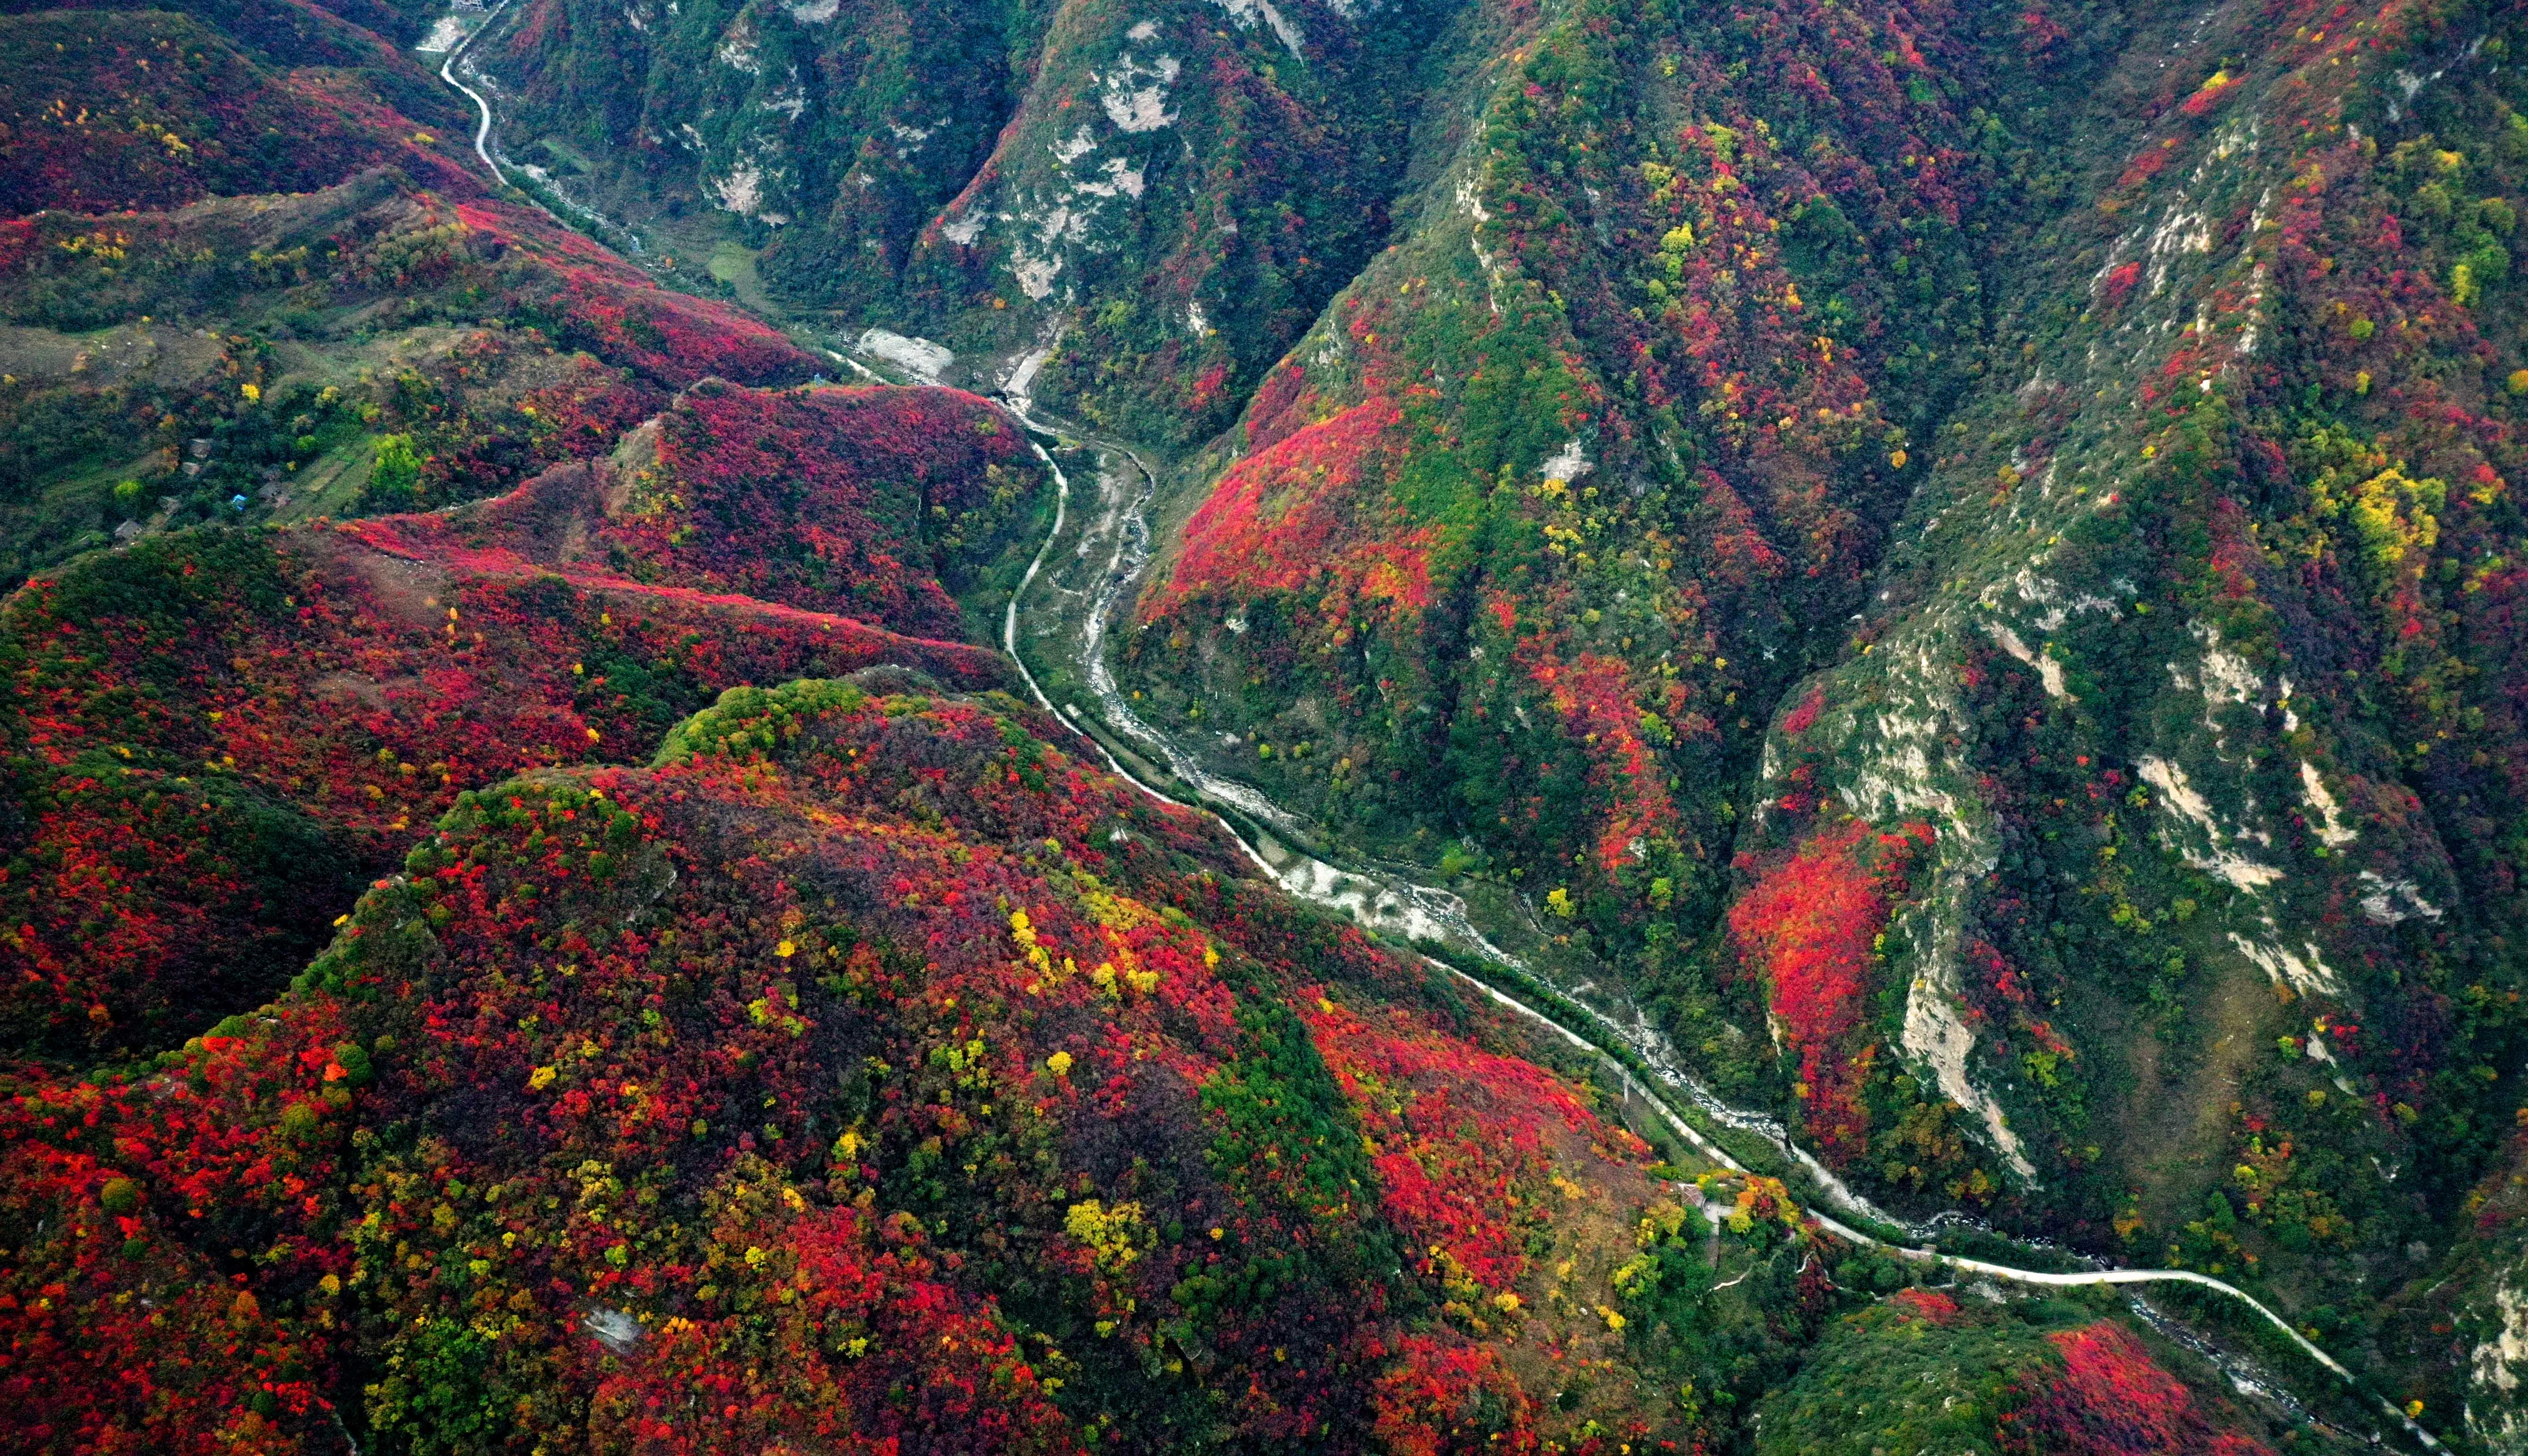 秋が舞い降りた「少華山」、中国・陝西省の名峰